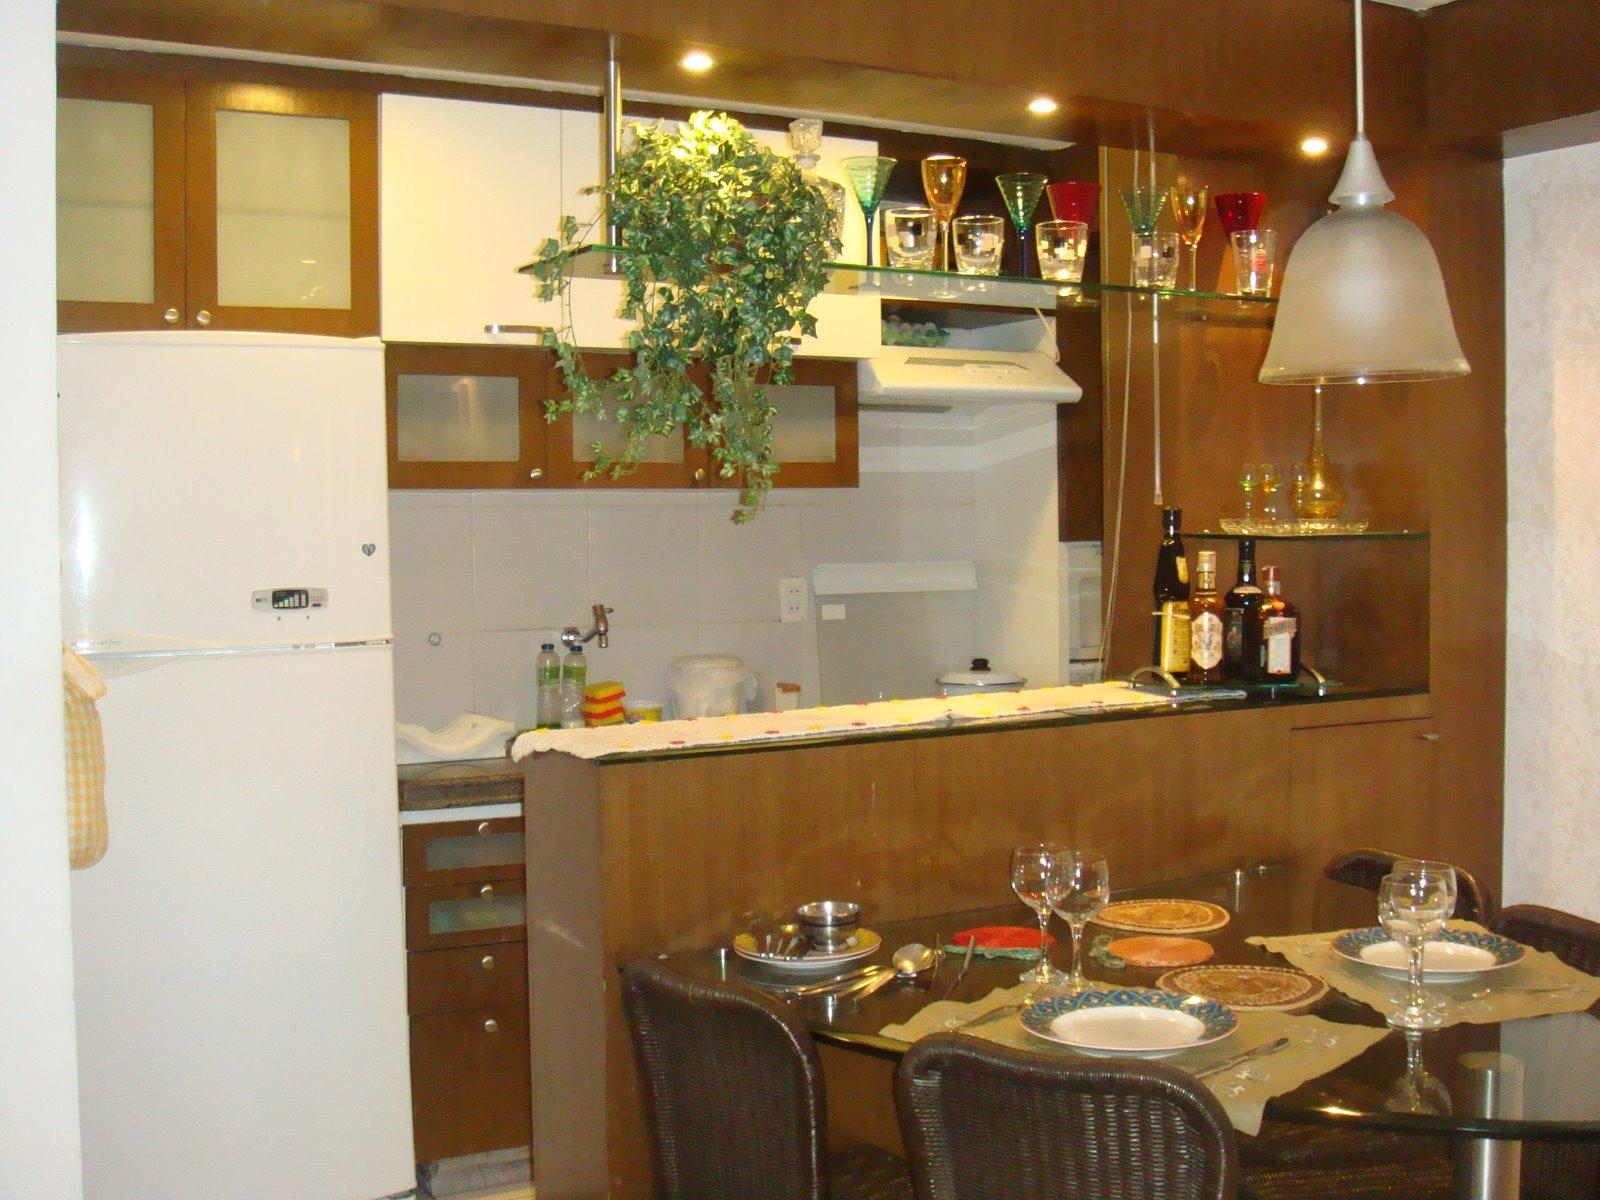 #6F431B Cozinha Americana Ideal para Cozinhas Pequenas.jpg 1600x1200 px Como Fazer Balcão De Cozinha Americana #1701 imagens